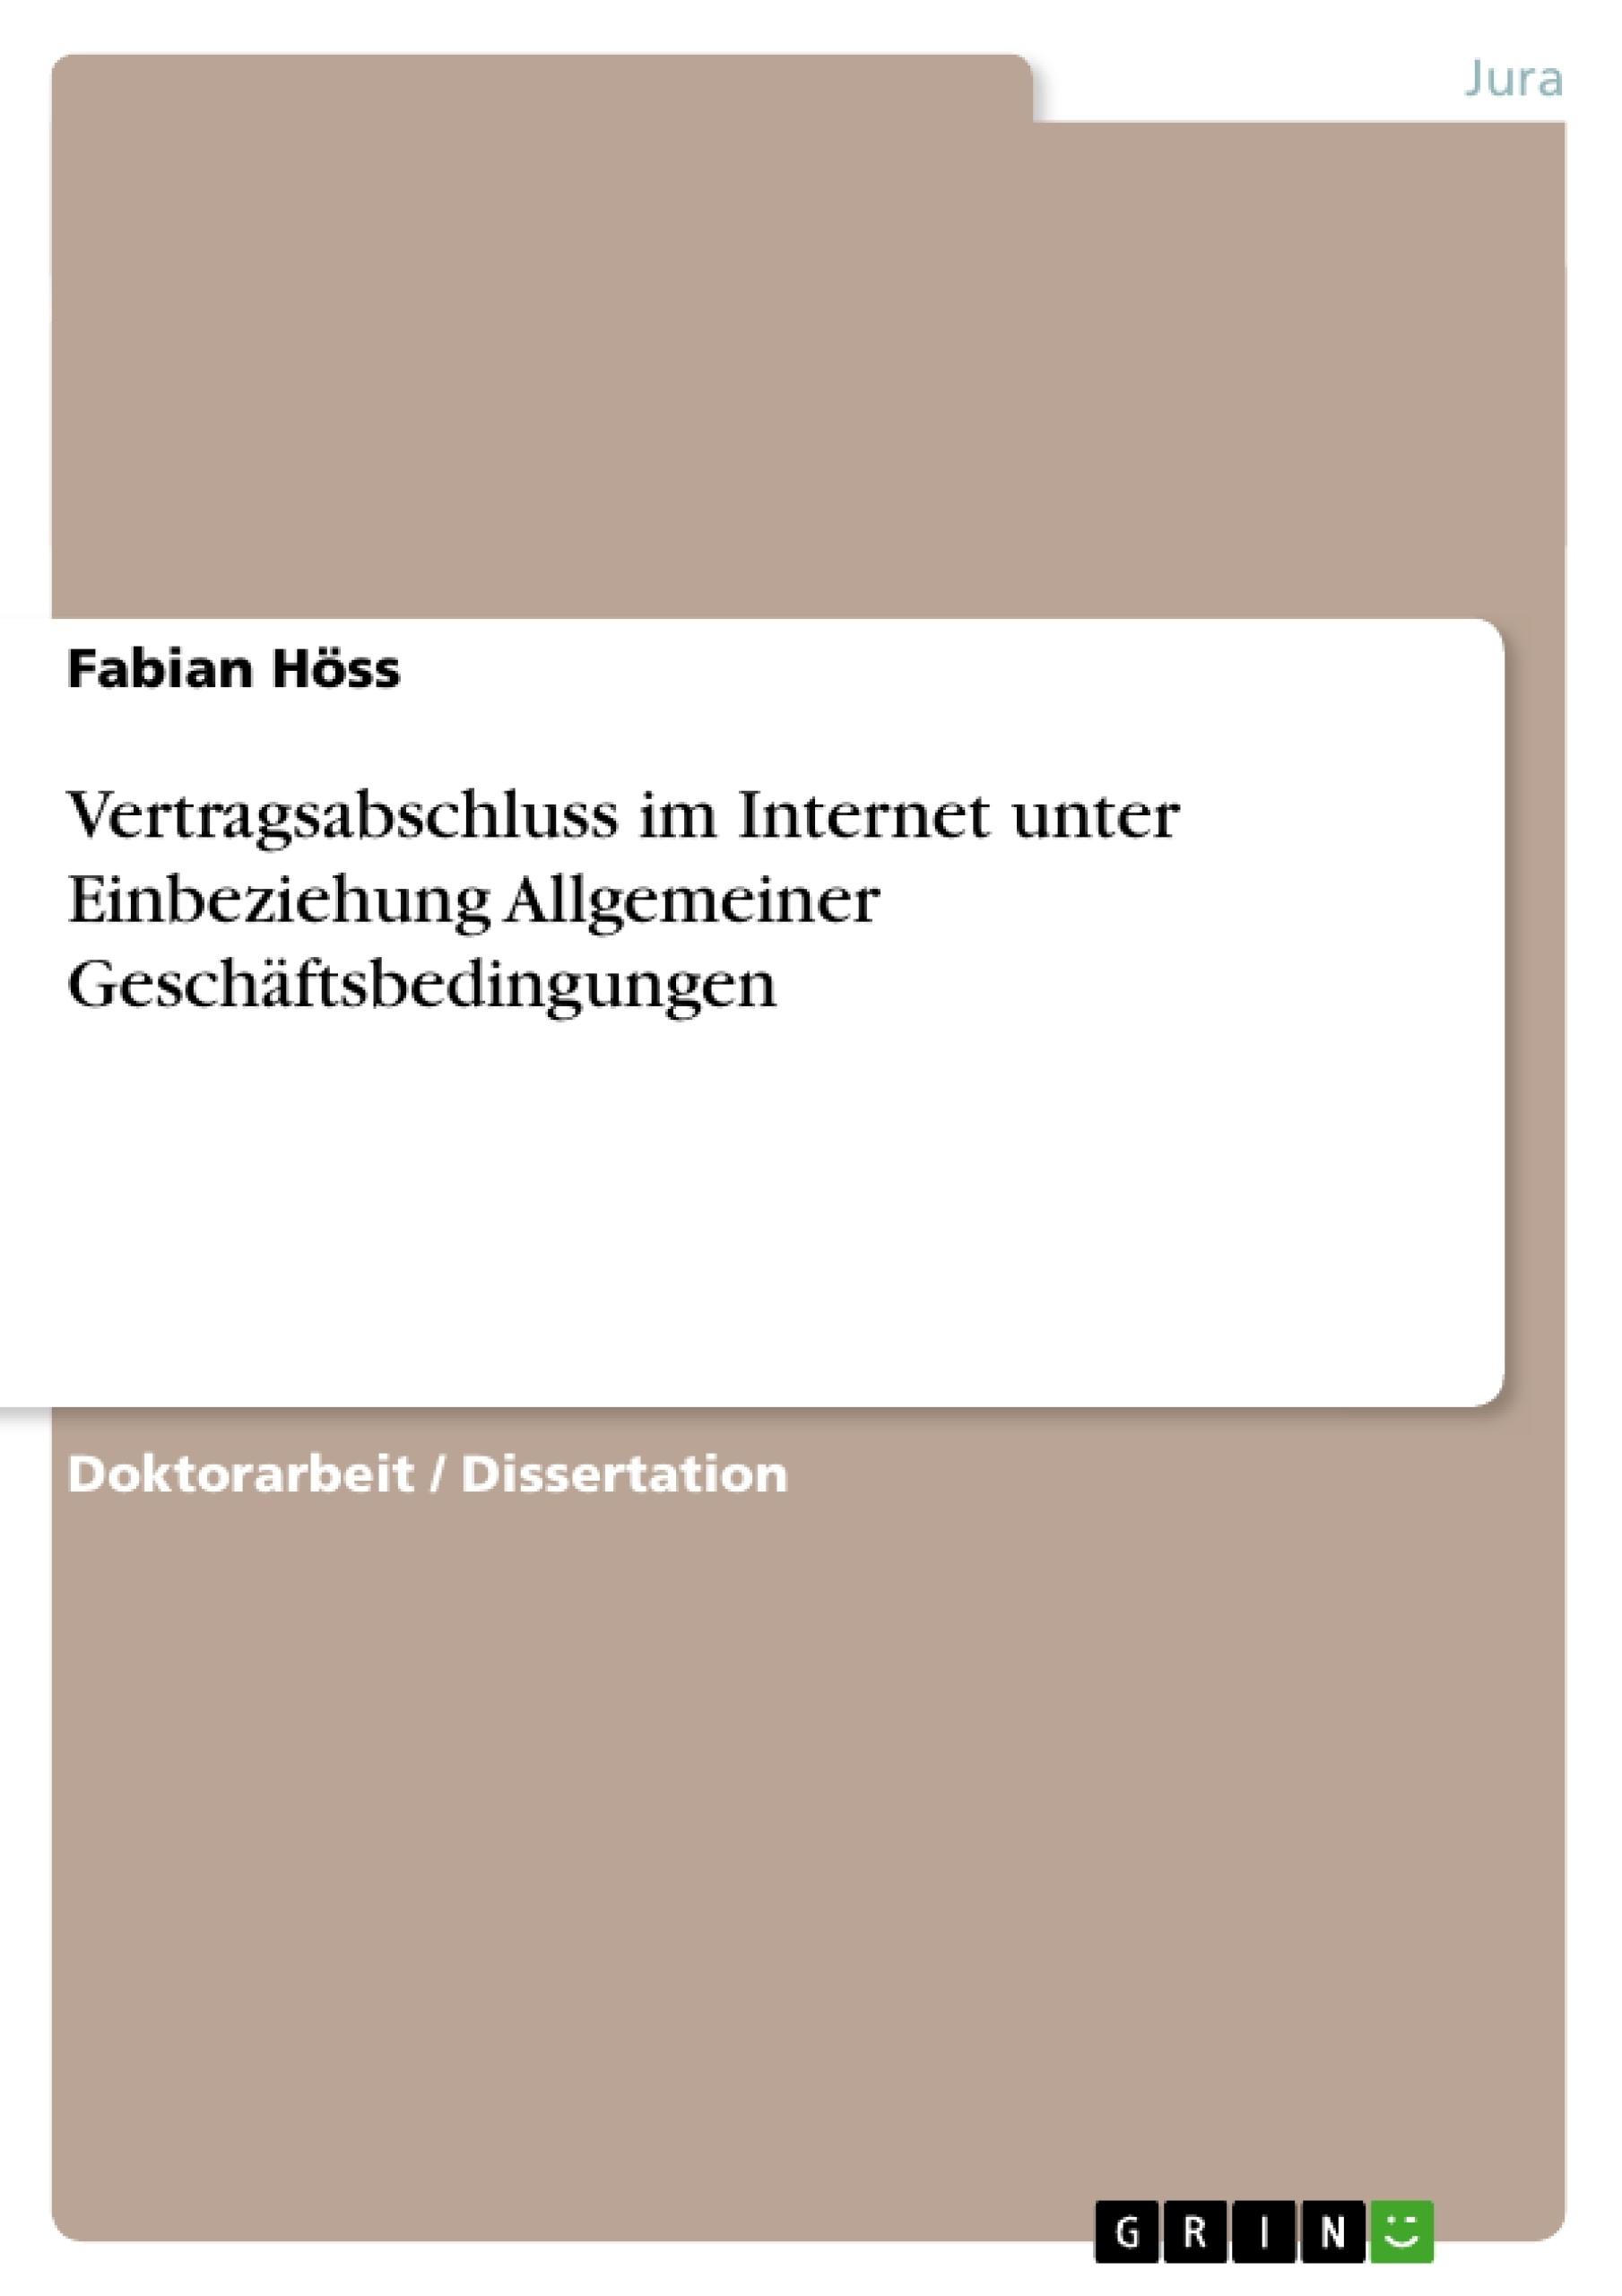 Titel: Vertragsabschluss im Internet unter Einbeziehung Allgemeiner Geschäftsbedingungen